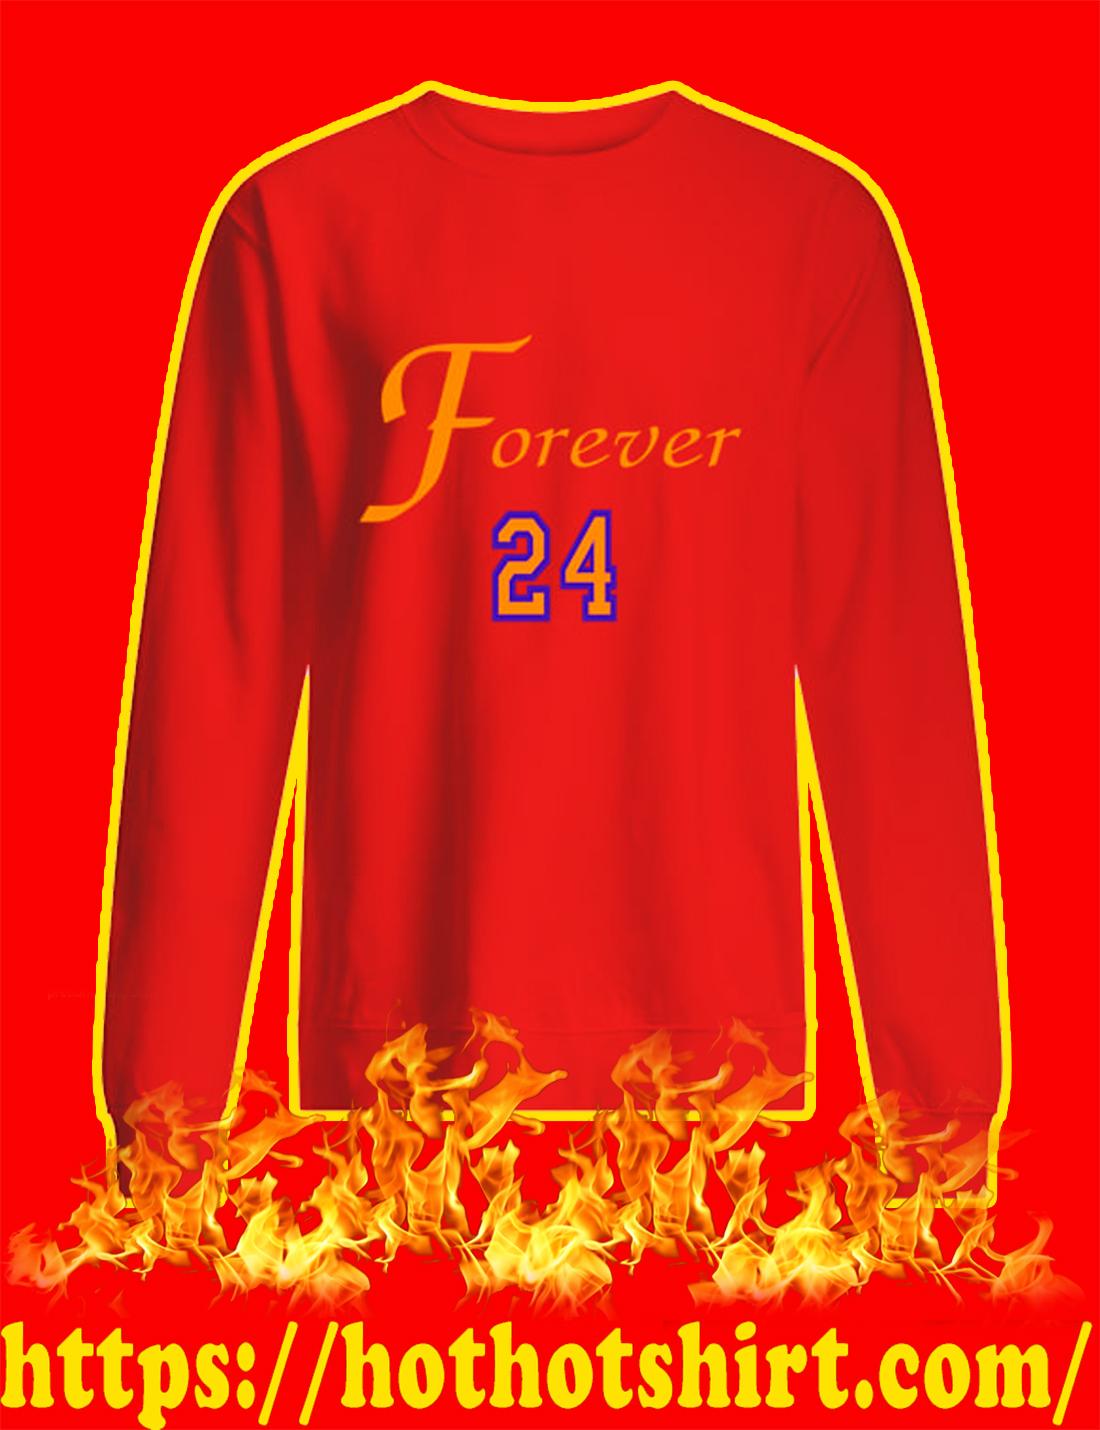 Rip Kobe Bryant Forever 24 sweatshirt